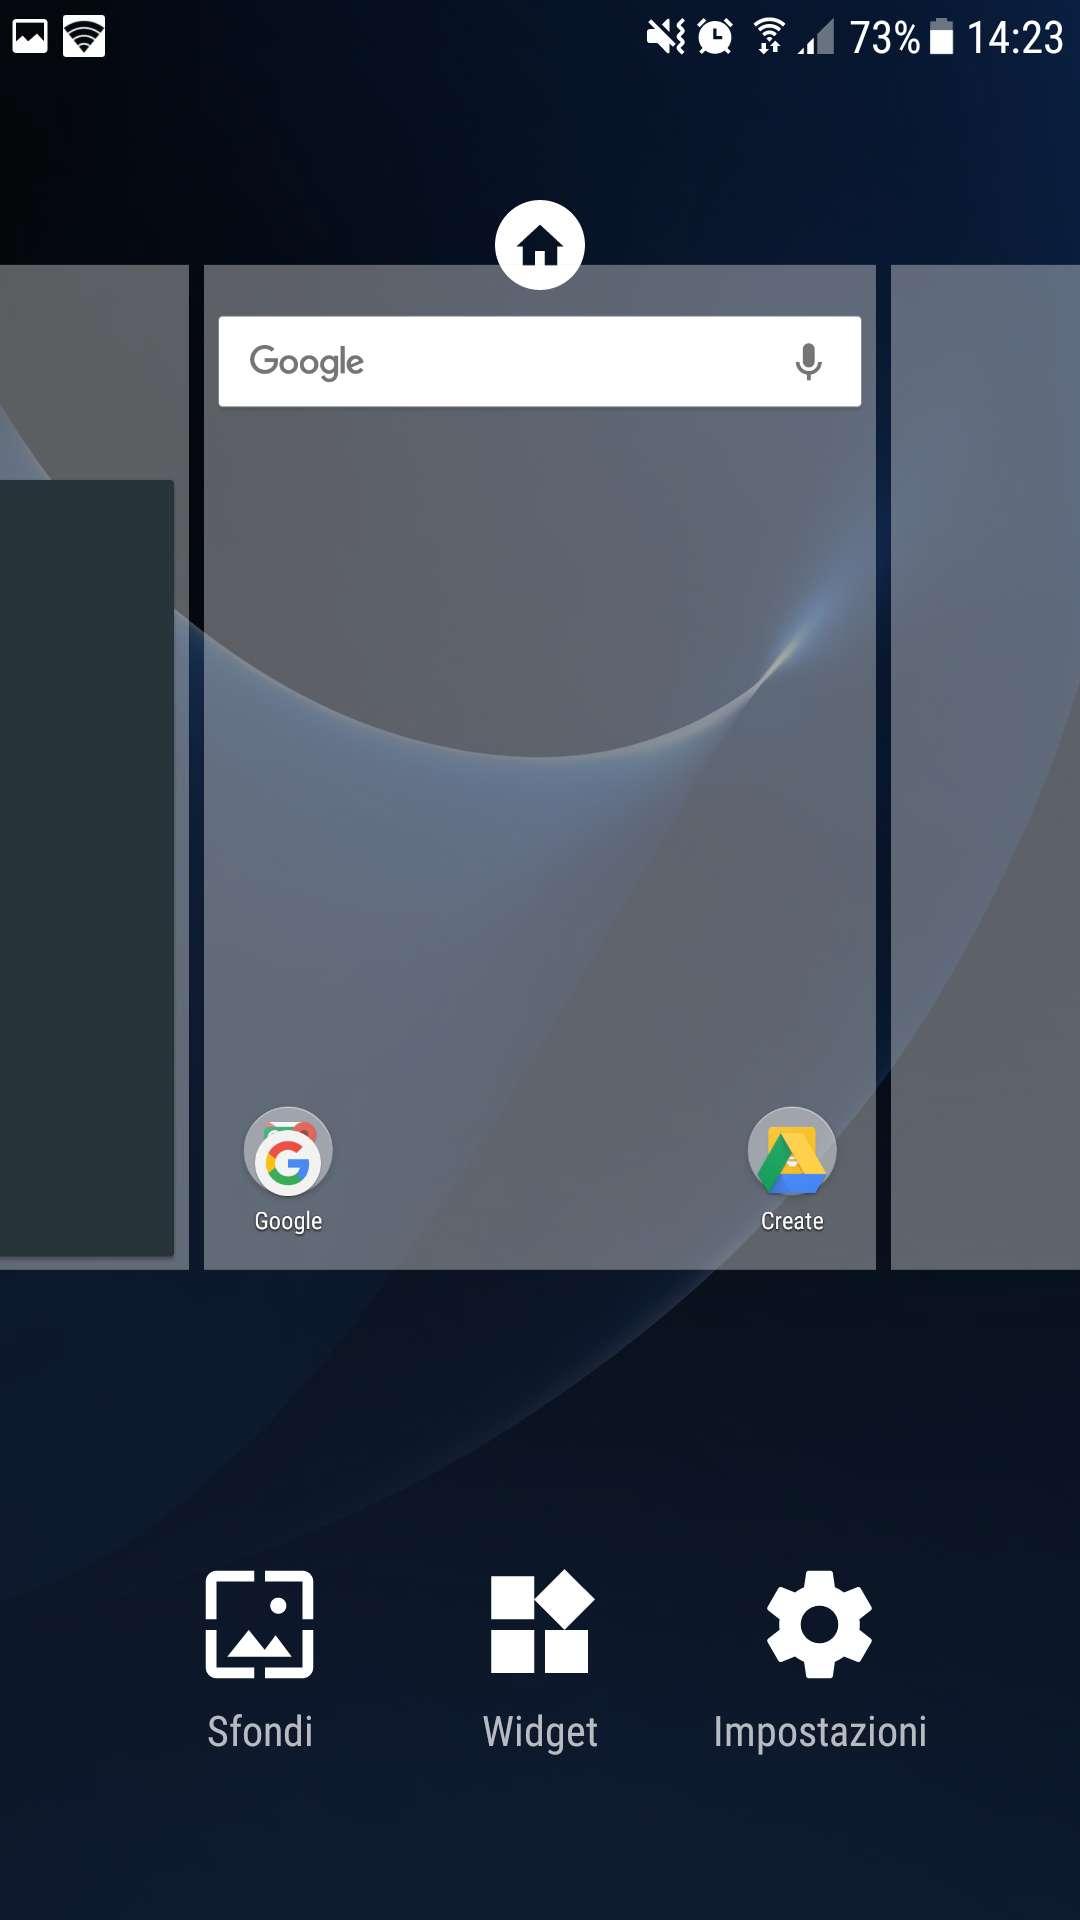 Guida Nova Launcher: l'interfaccia che da uno sprint ad Android